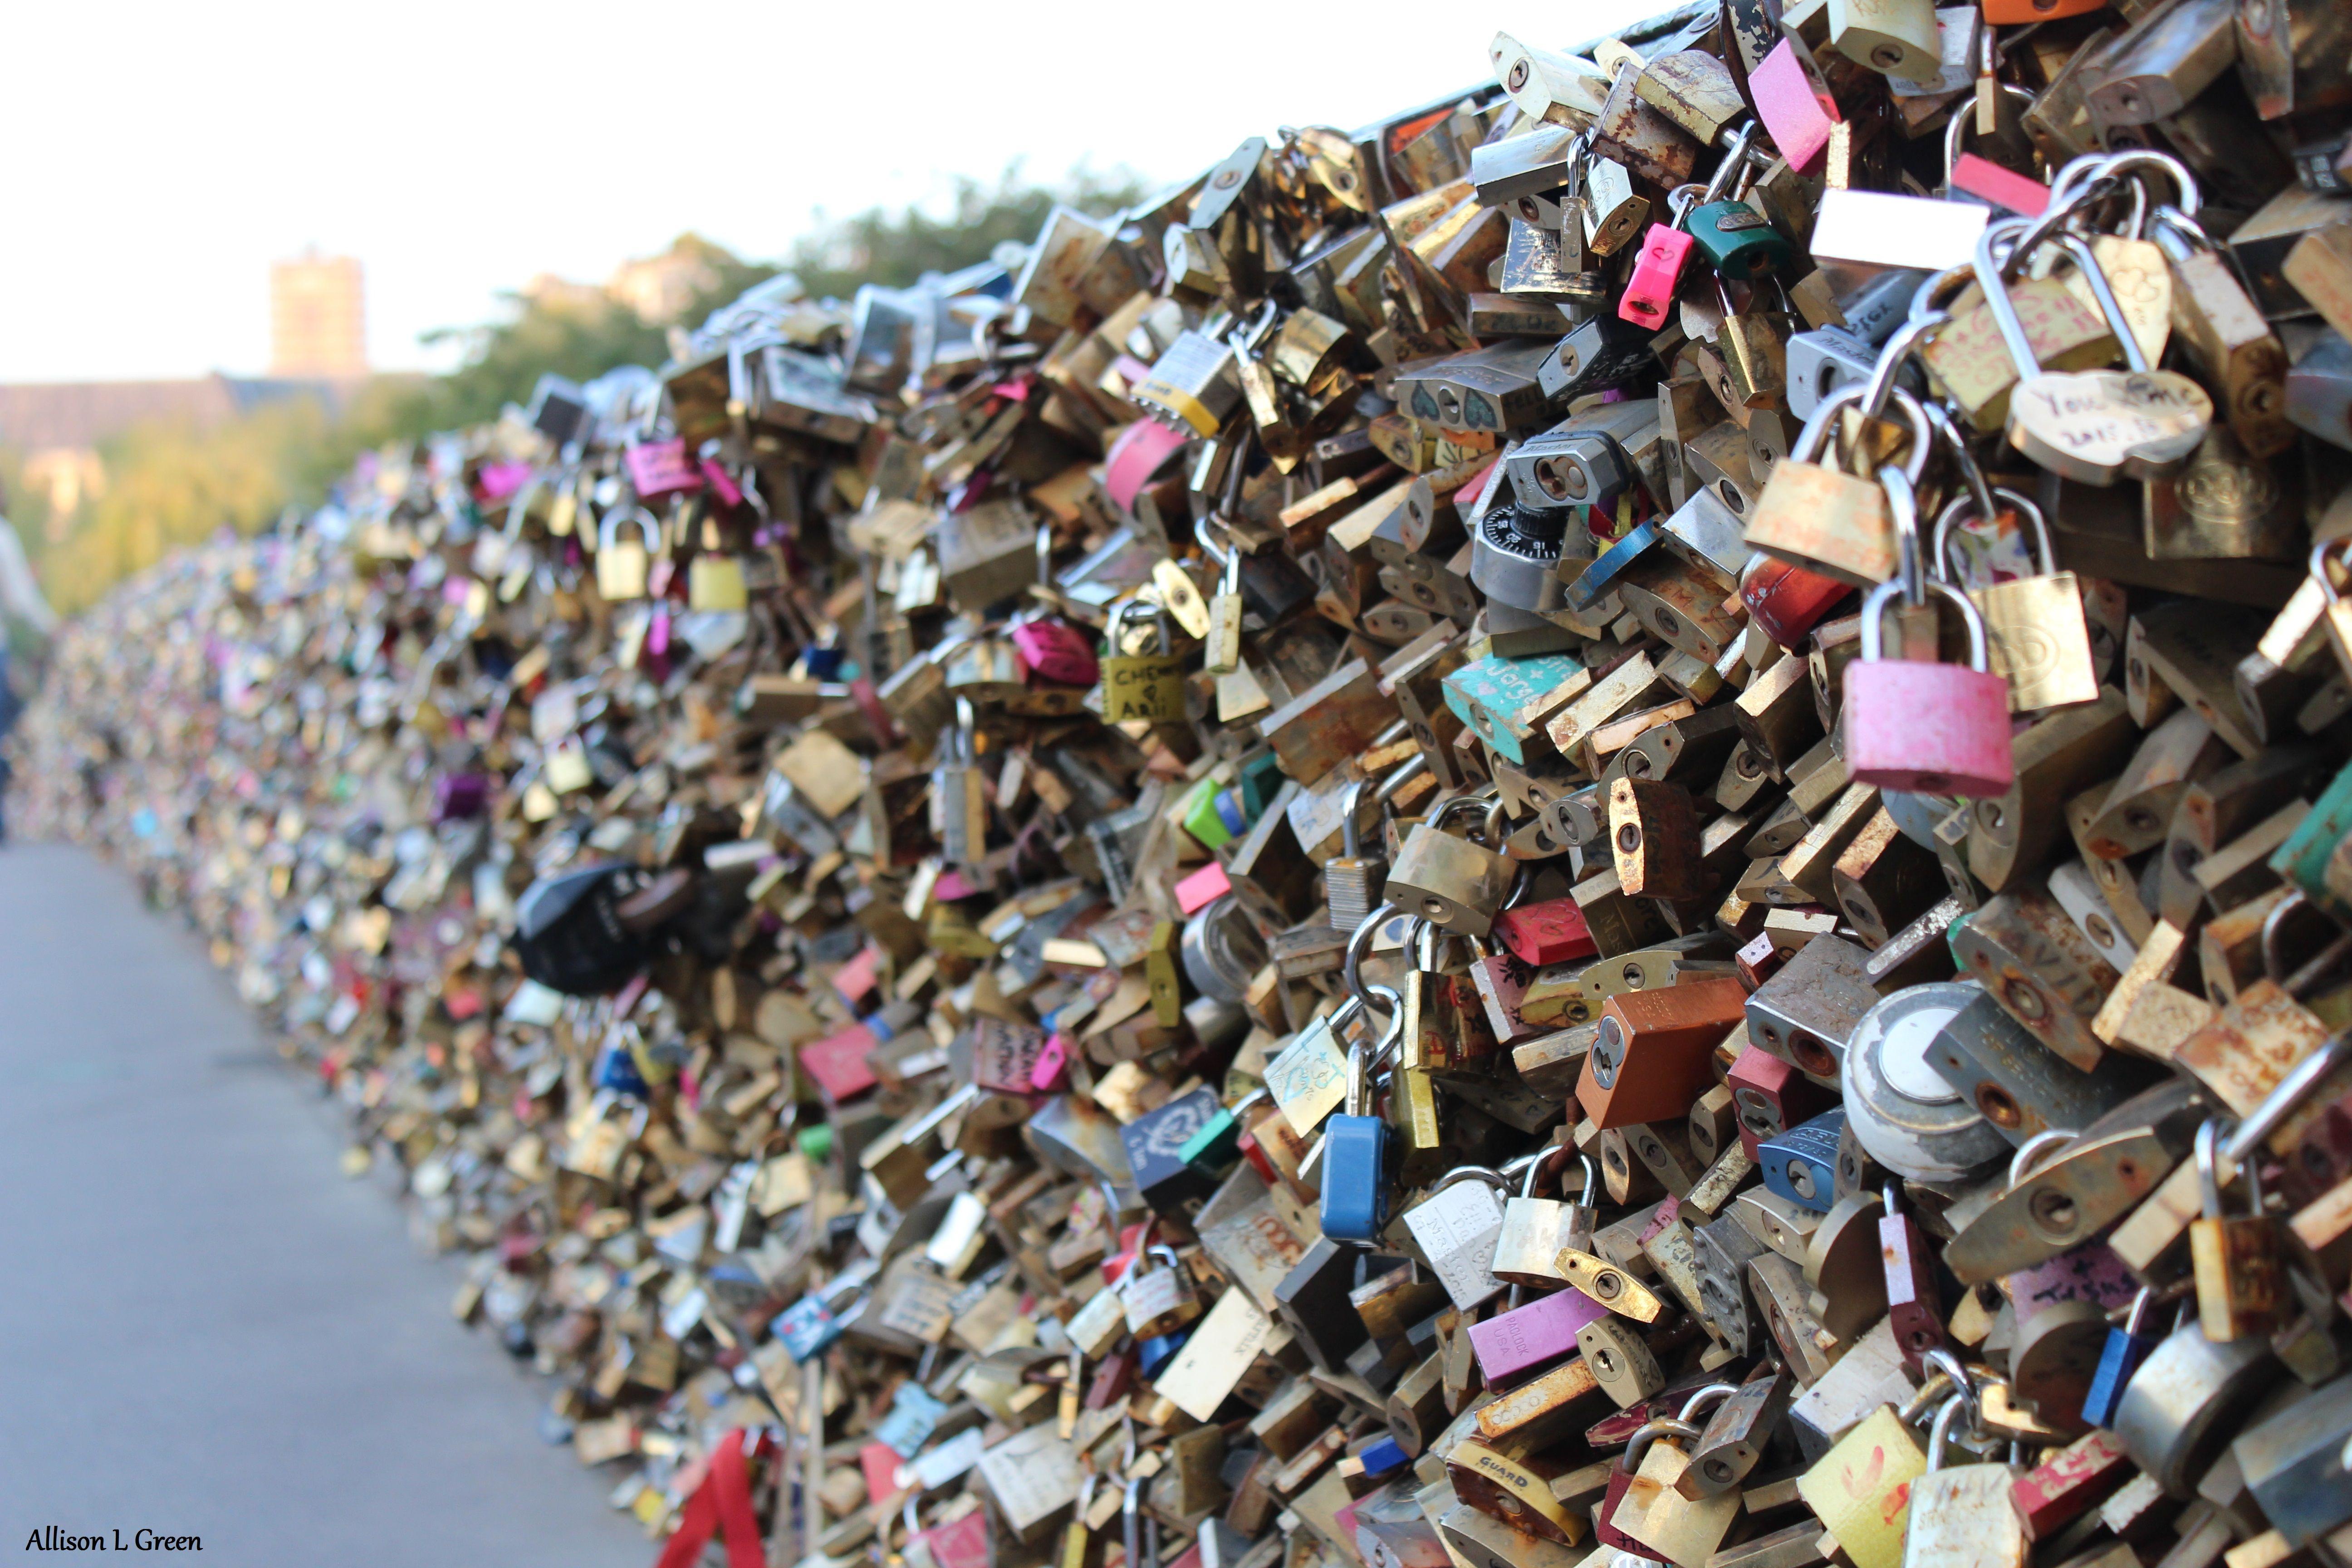 #locks #bridge #paris #france #parislocks